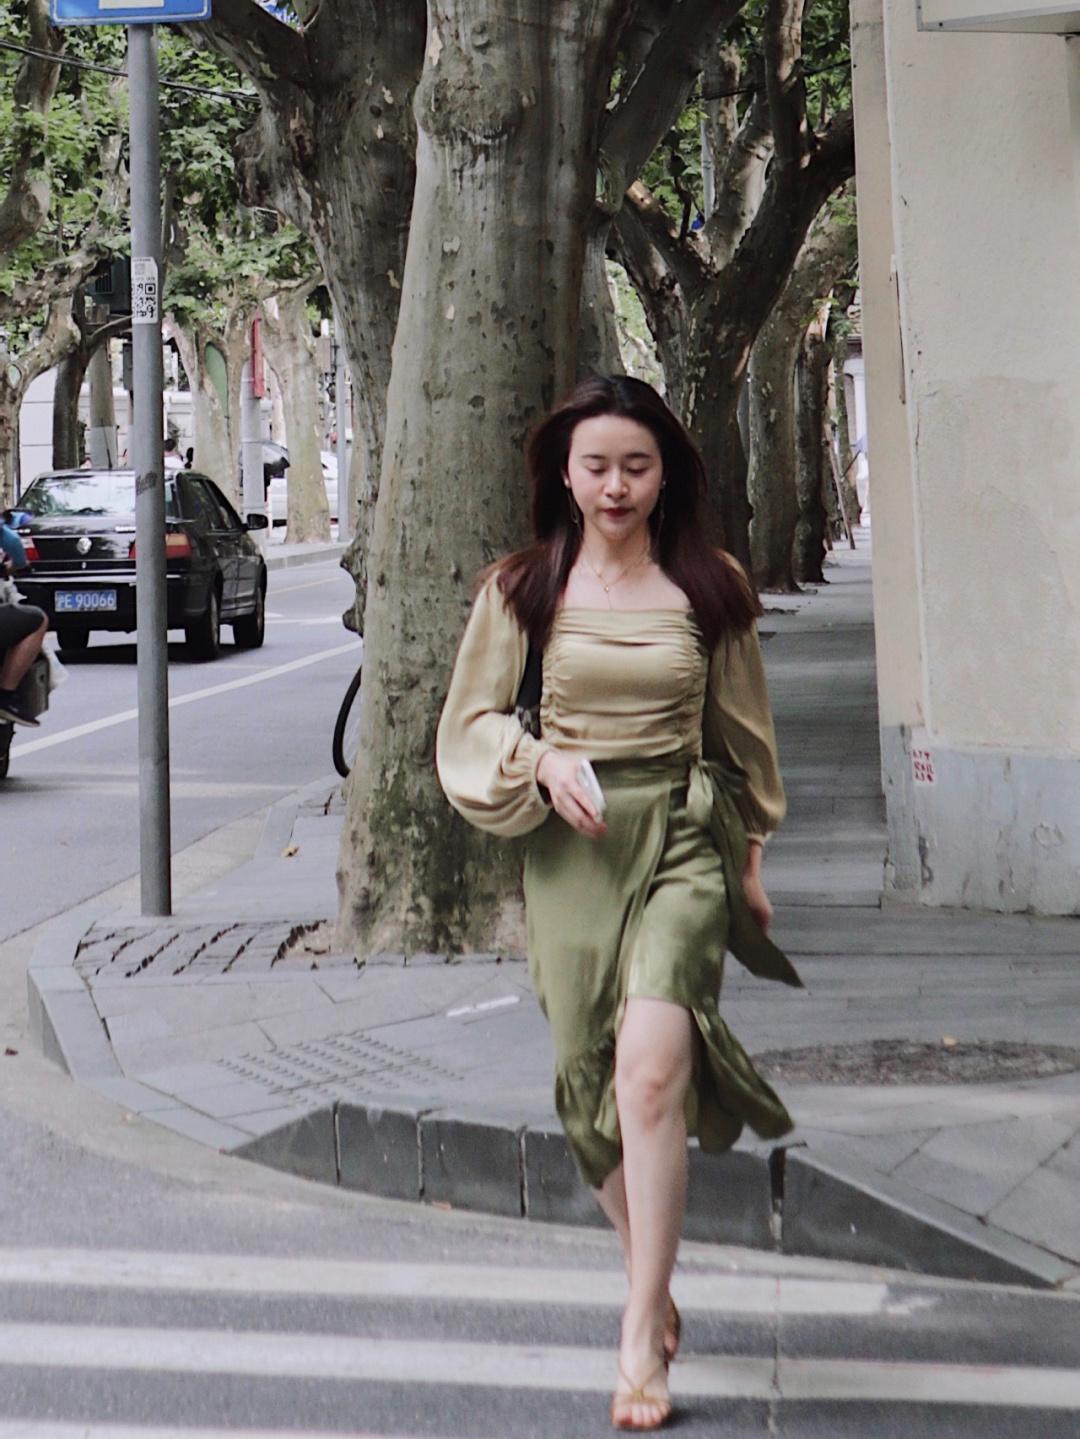 Nàng BTV cao 1m53 nặng 53kg chẳng ngại mặc chân váy lụa bóng, vẫn khéo che bụng béo nhờ chọn đúng kiểu  - Ảnh 2.